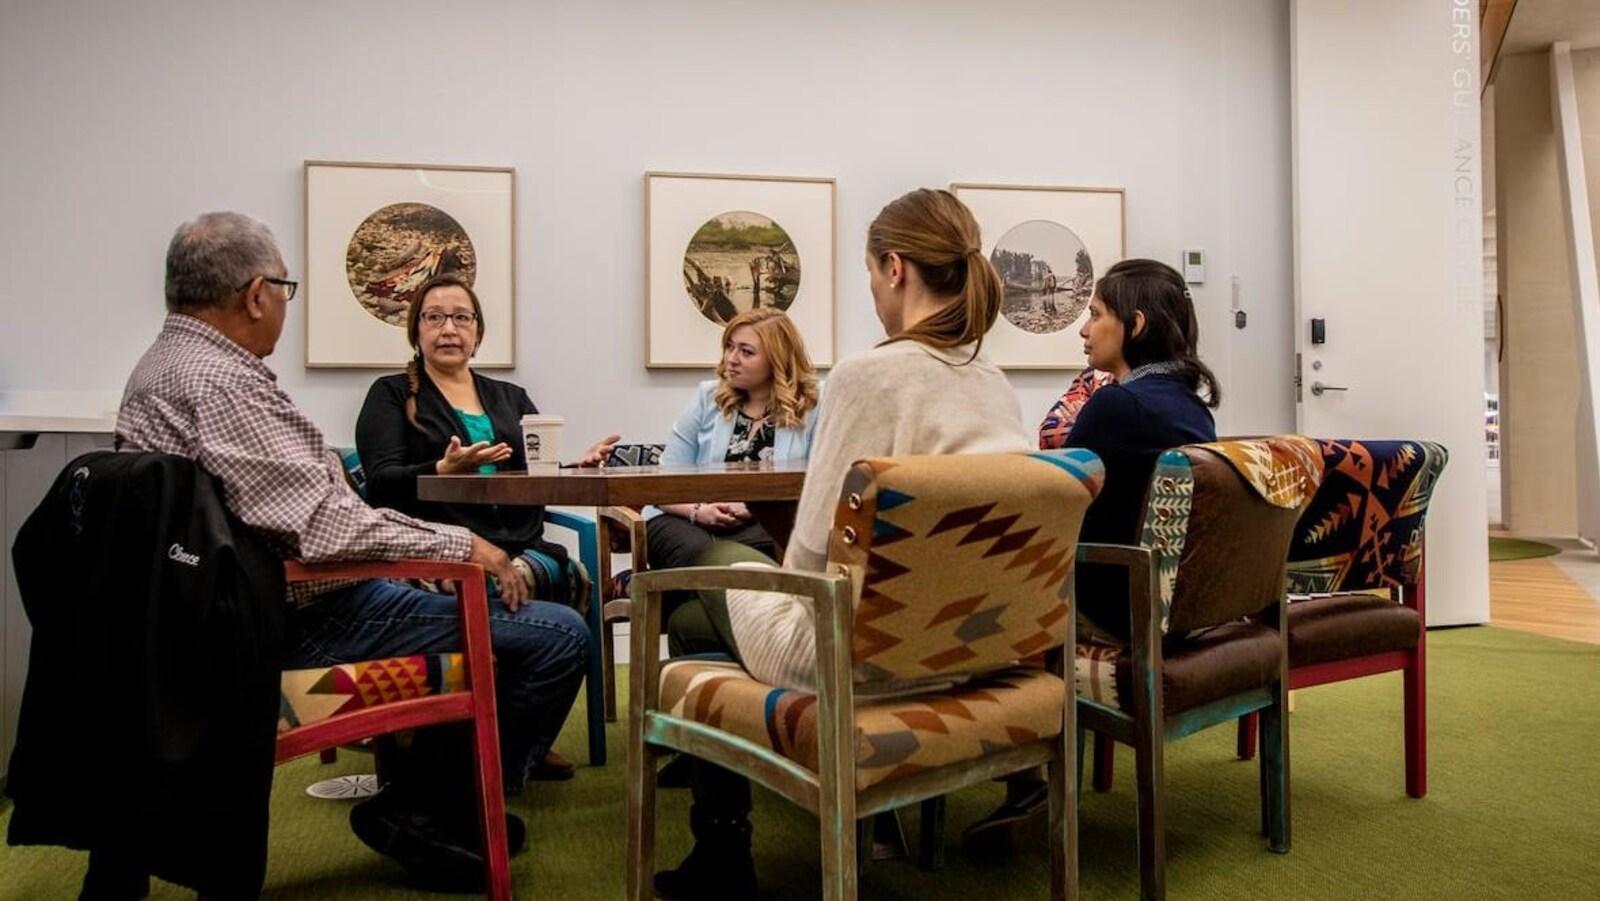 Des autochtones assis autour d'une table en train de discuter